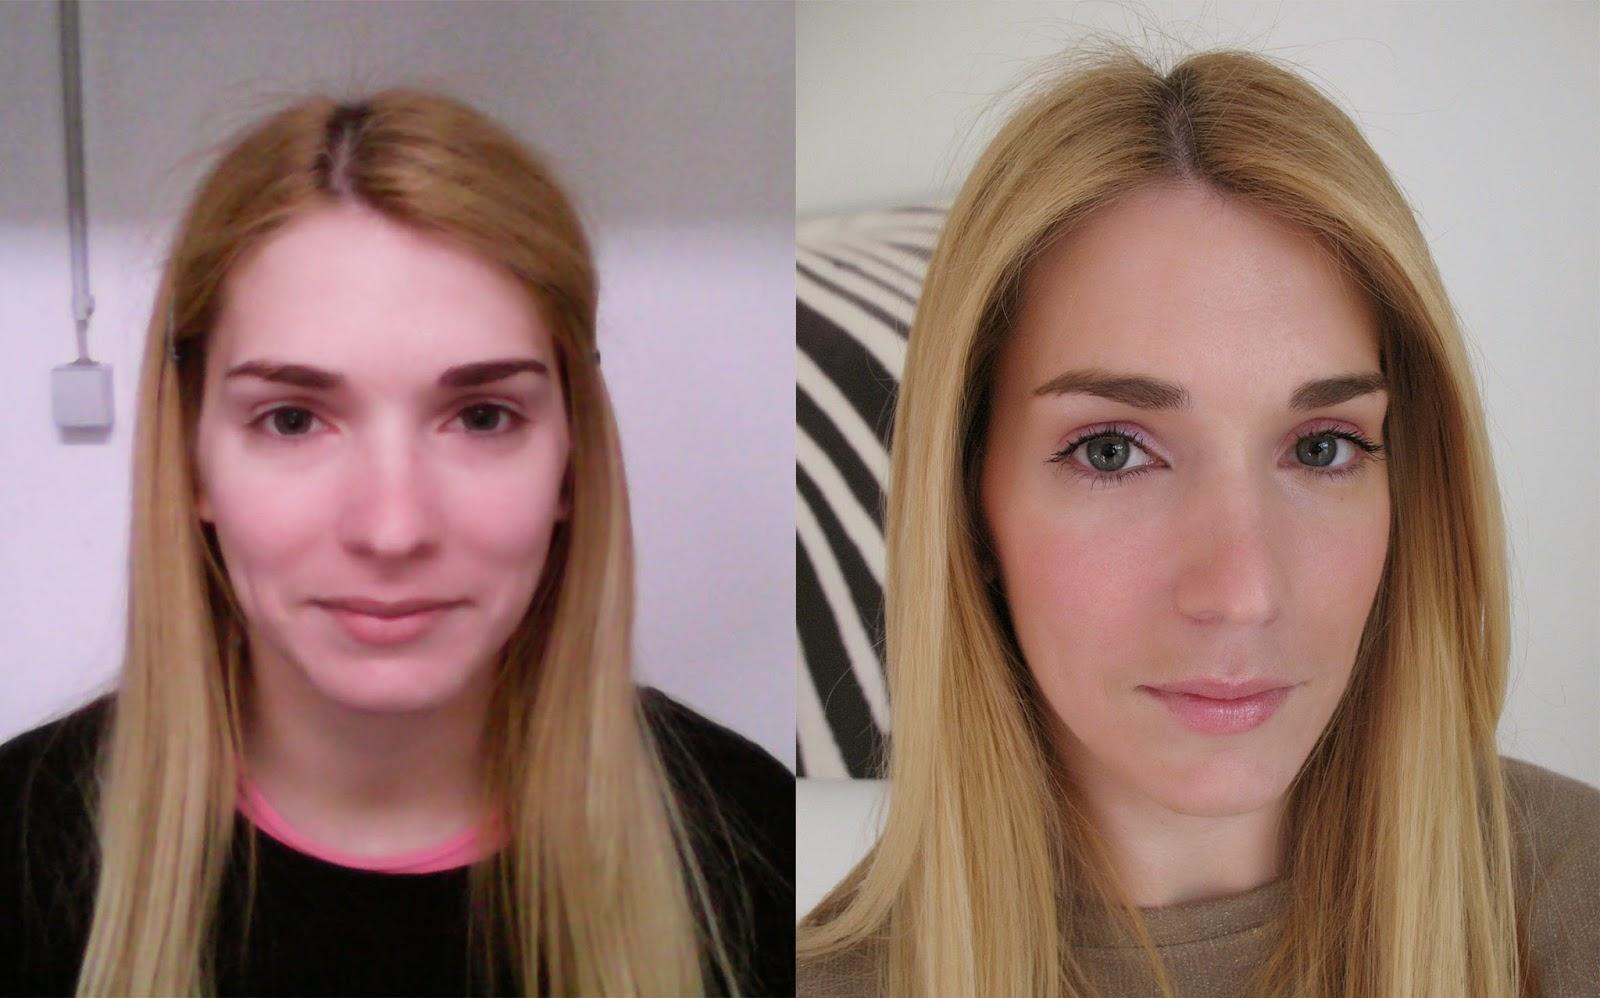 Maquilhagem natural feita pela cliente na aula - antes e depois